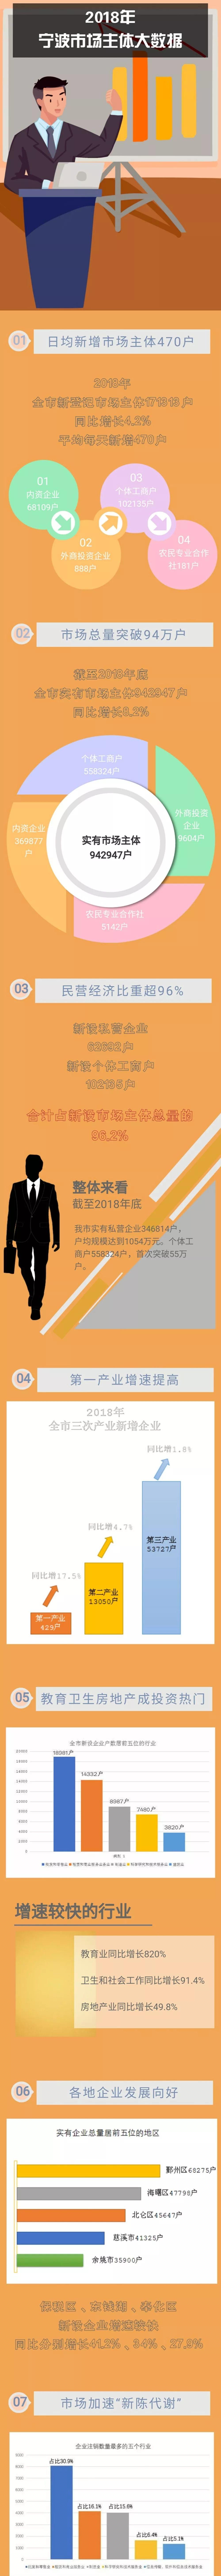 增长8倍!18年宁波人最热衷的投资行业竟然是......